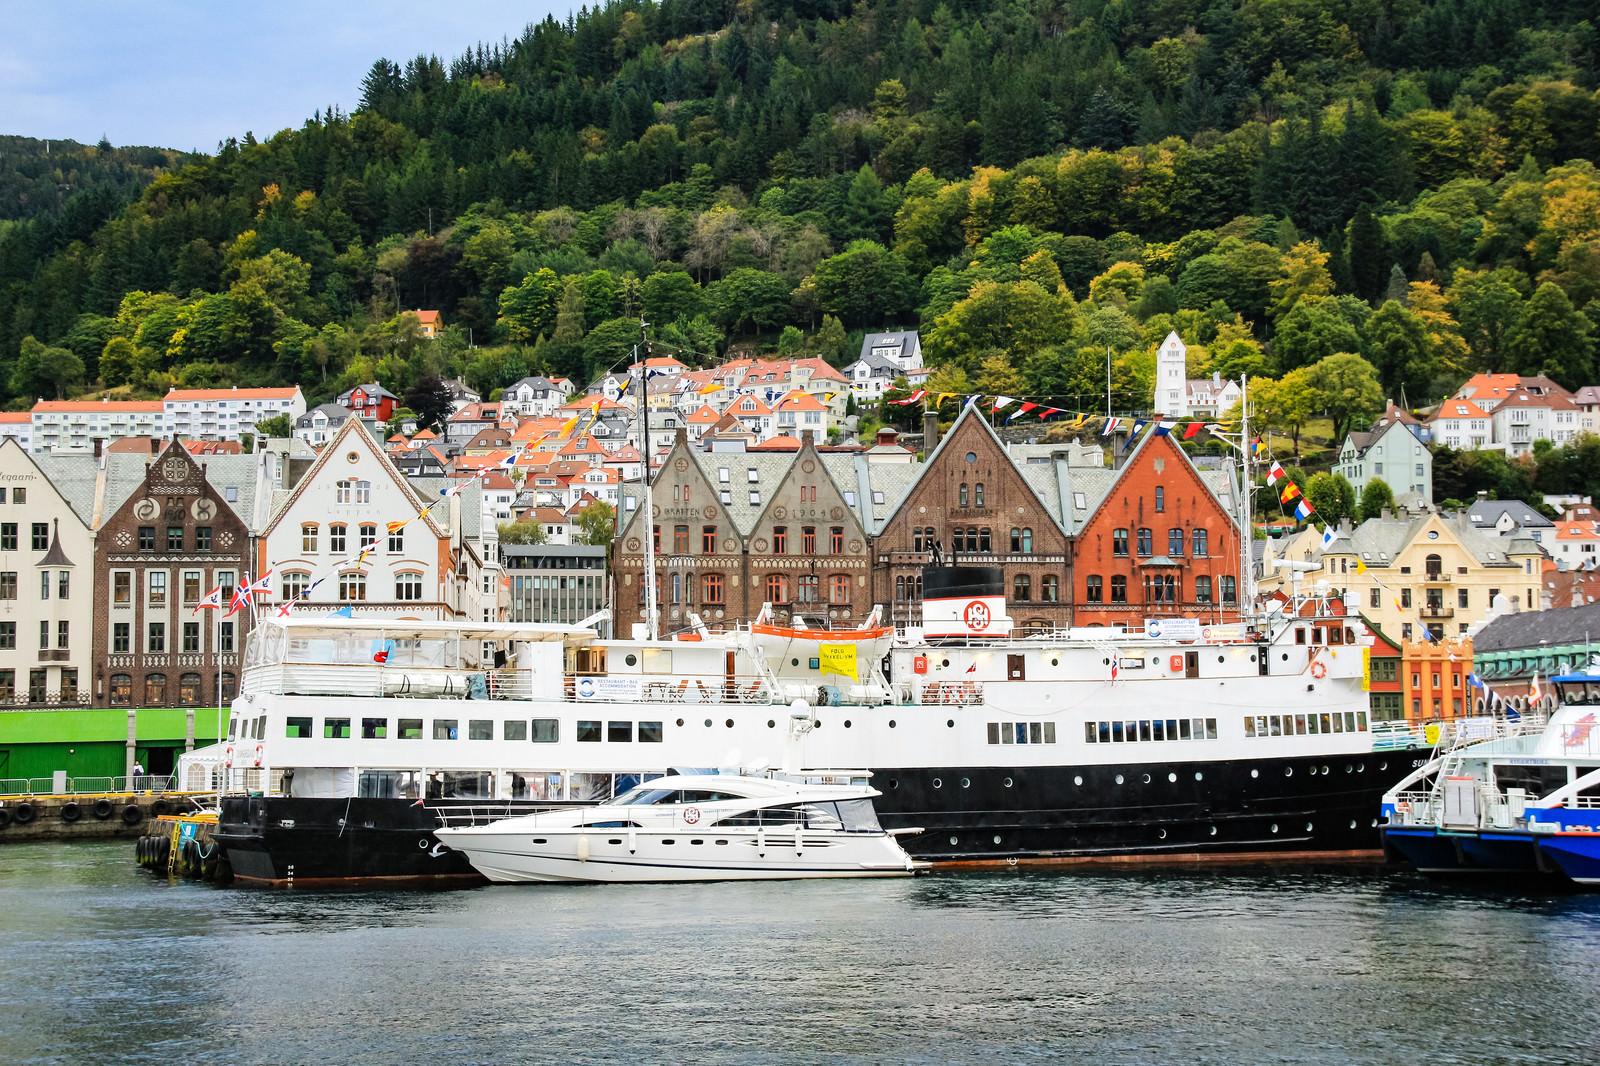 「停泊中のベルゲン沿岸急行船」の写真